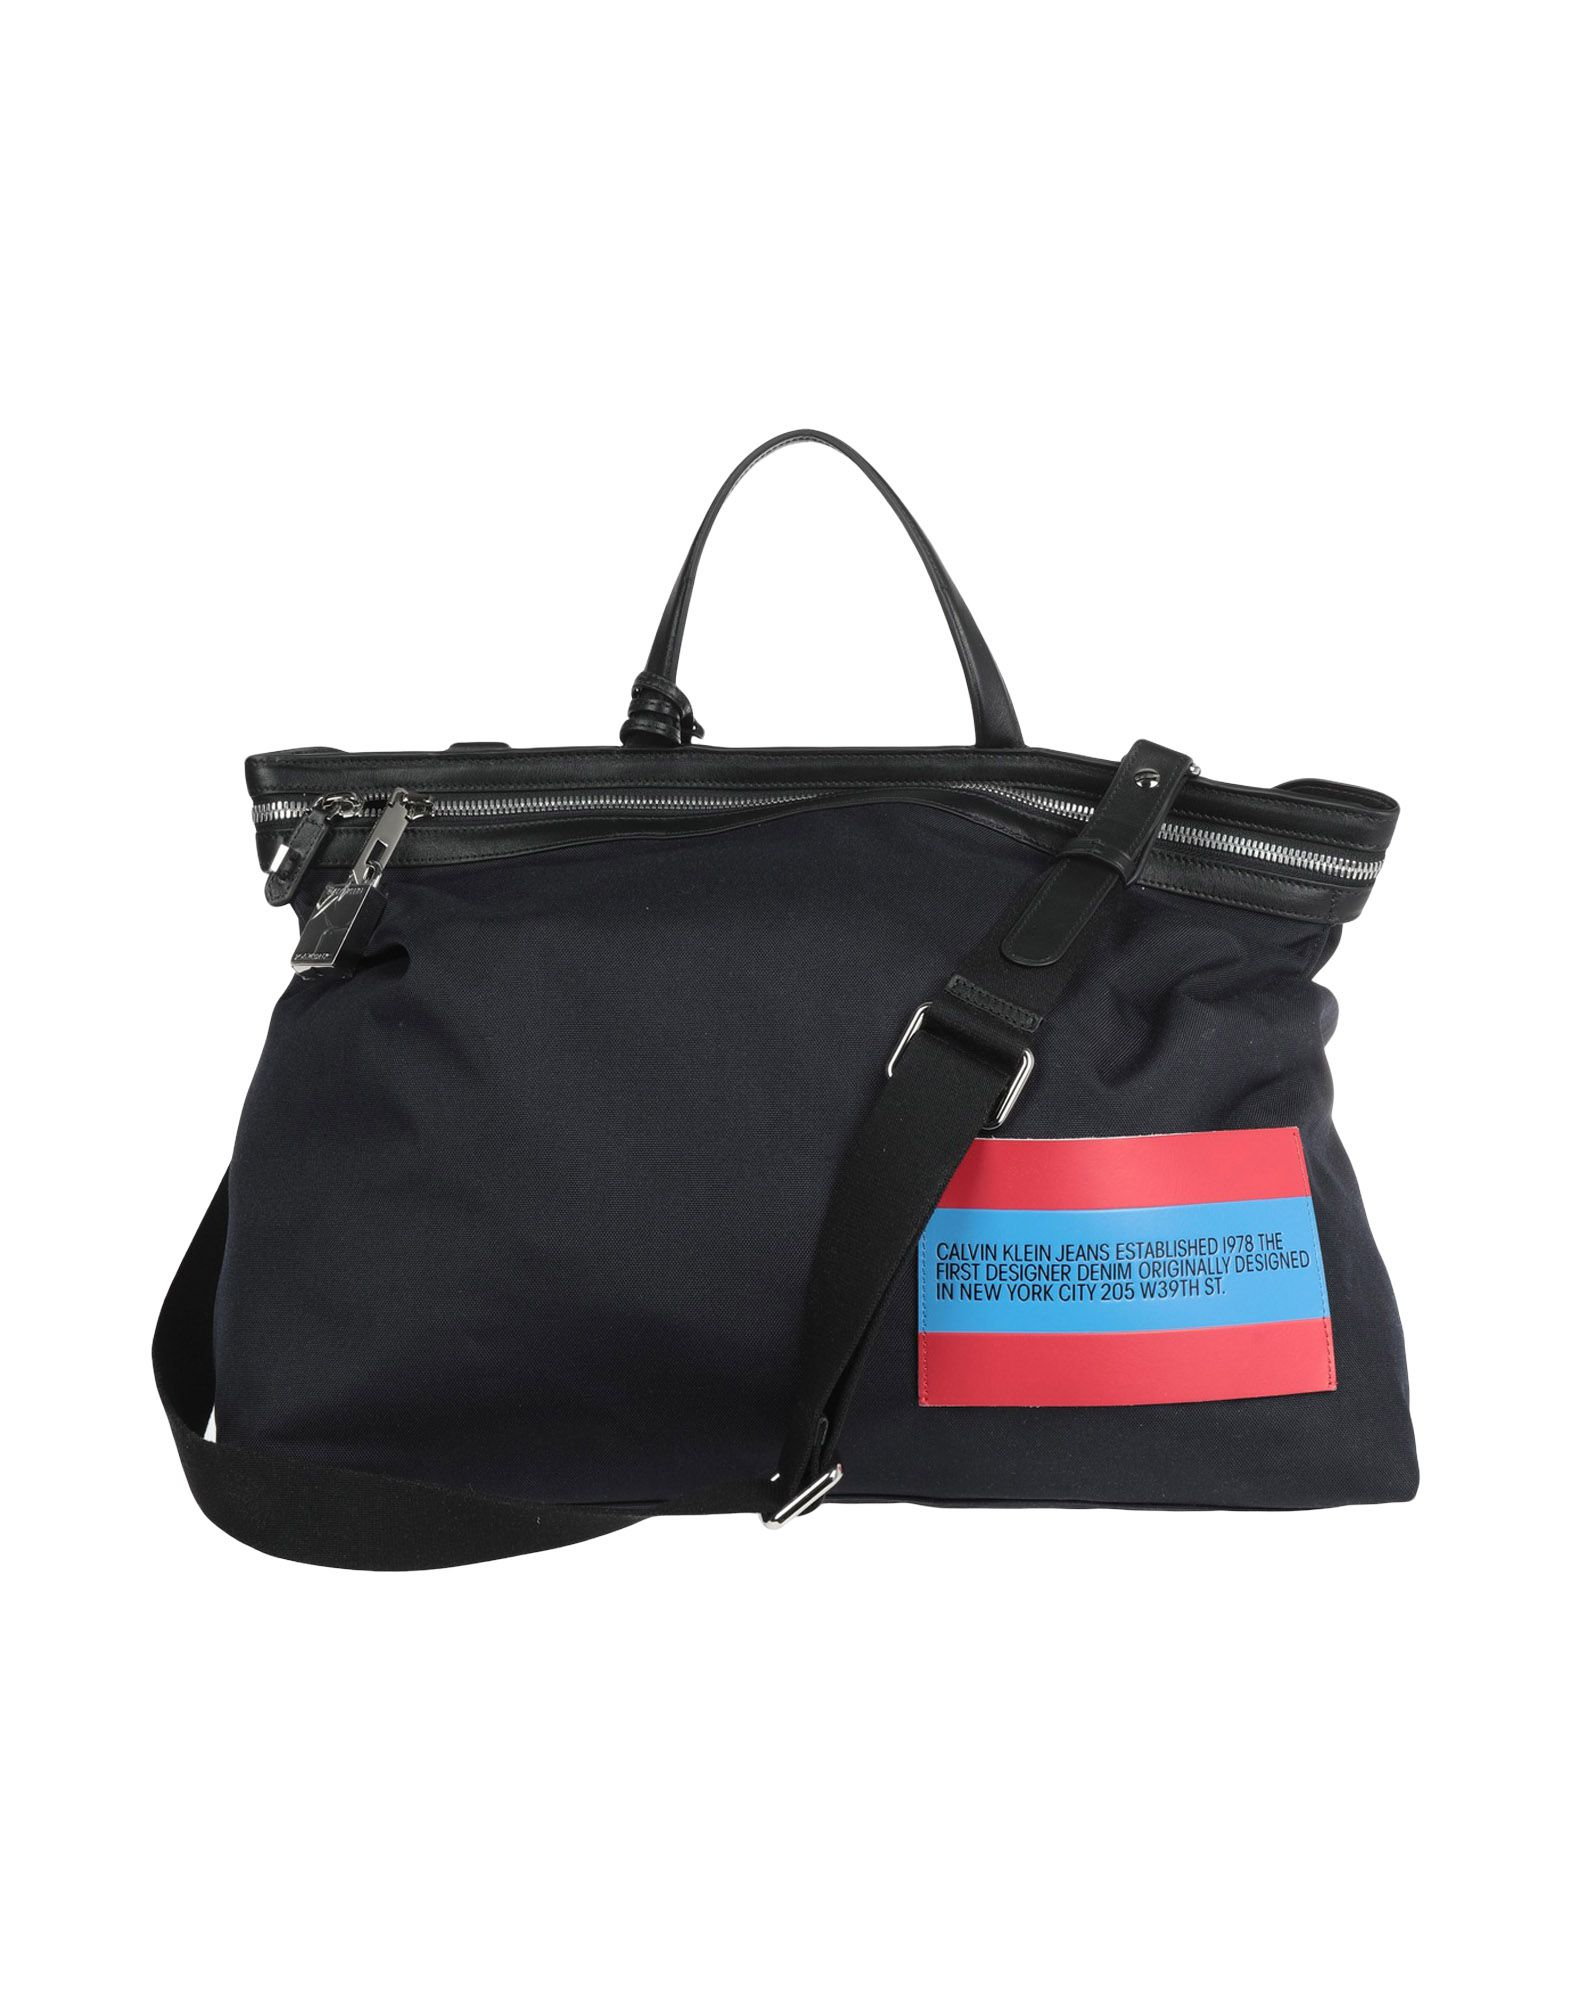 calvin klein 205w39nyc сумка на плечо CALVIN KLEIN 205W39NYC Дорожная сумка